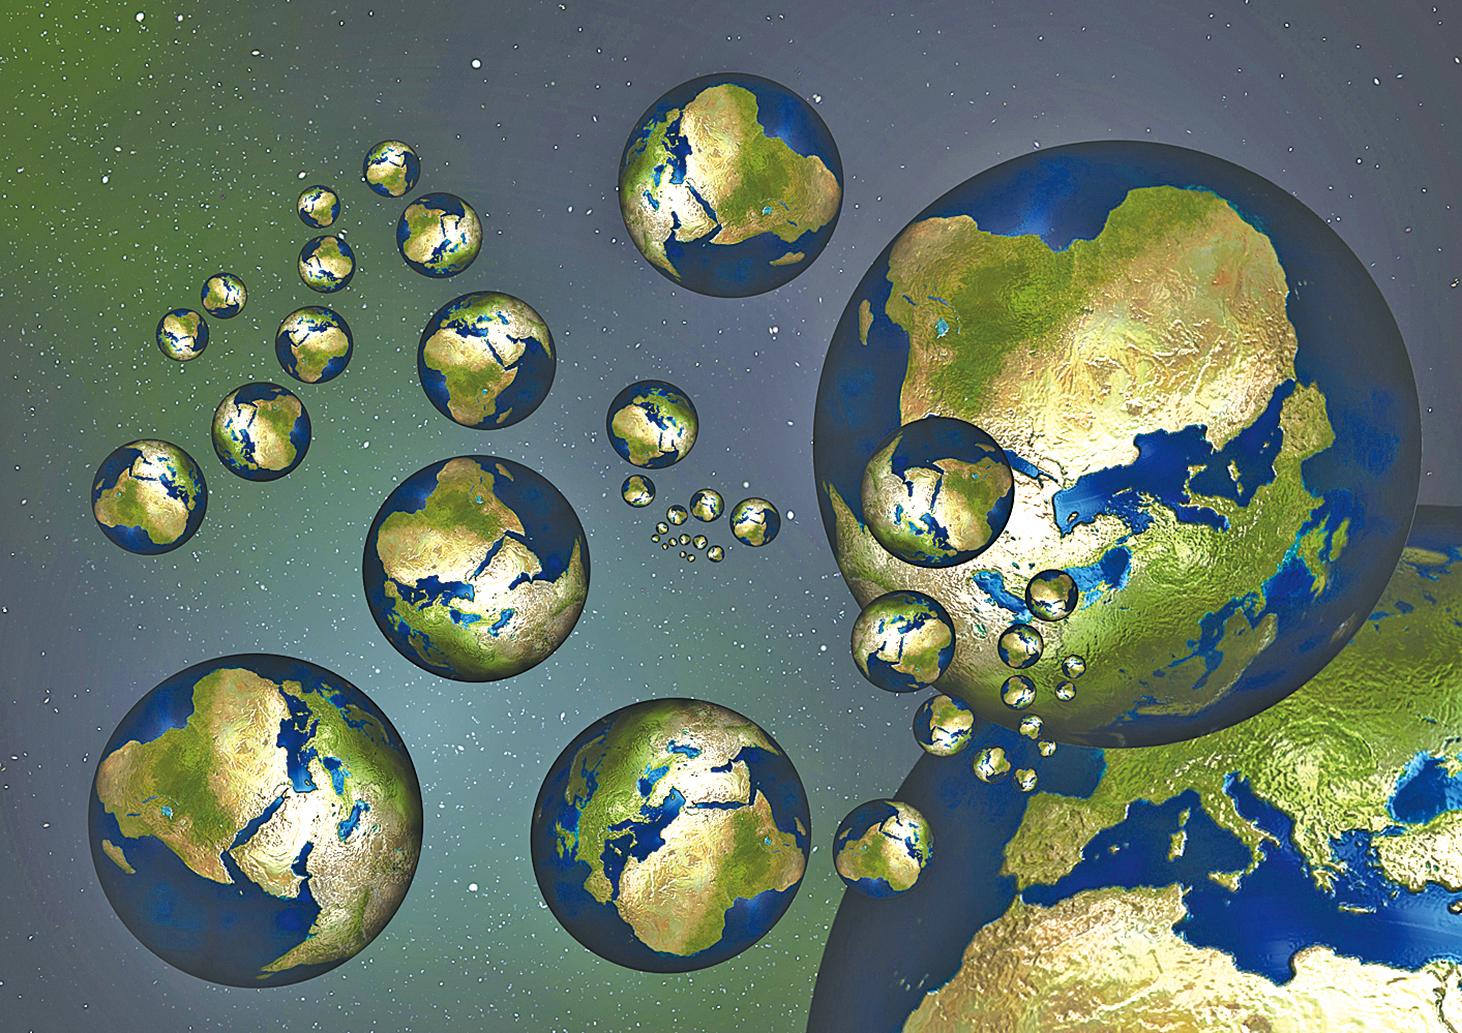 英國物理學家霍金(Stephen Hawking)在生前最後一篇論文中探討多重宇宙的存在。(Pixabay)